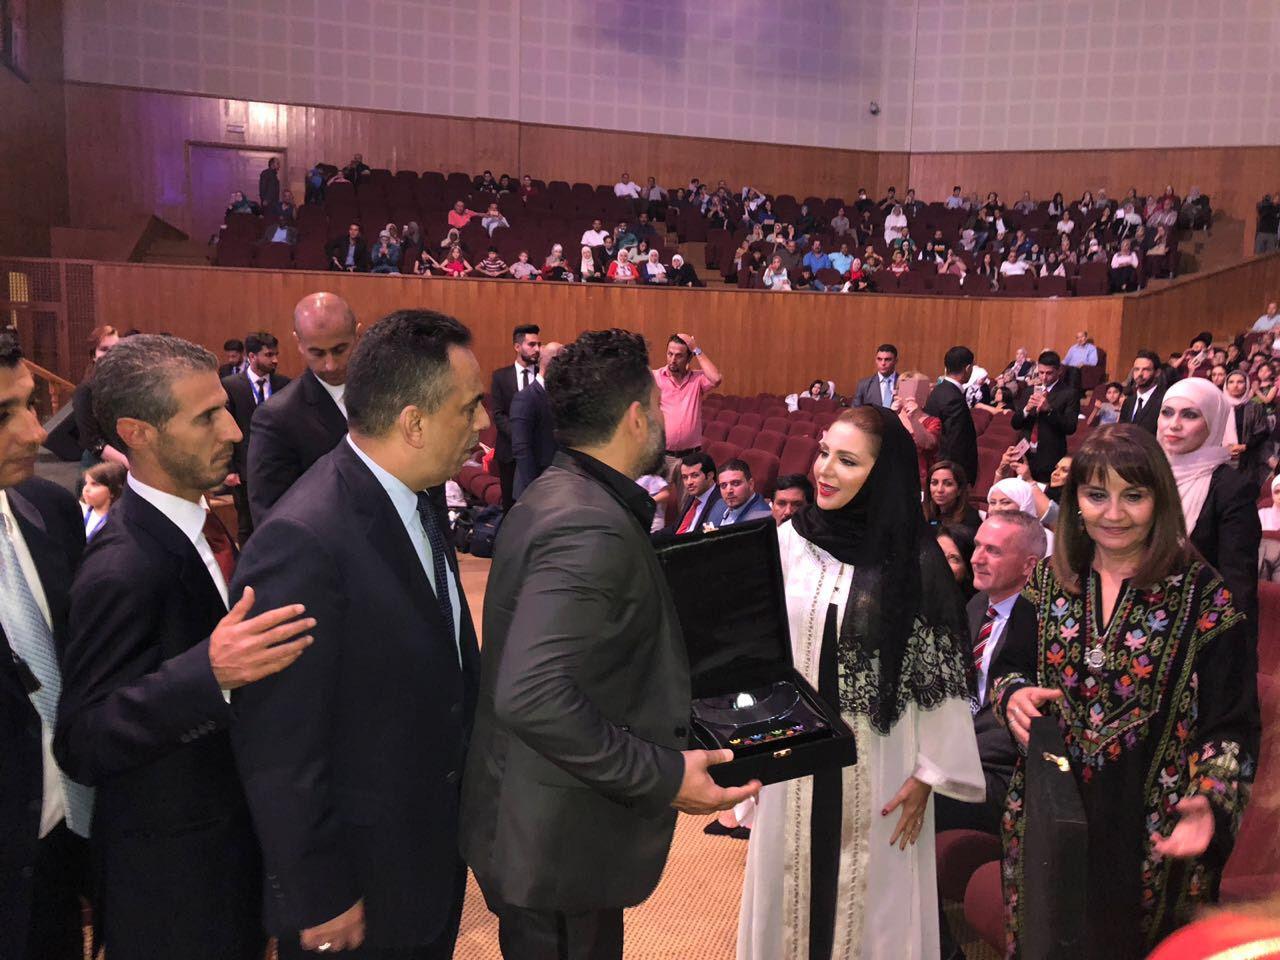 سمو الأميرة فهدة الهاشمي المعظمة تقدم الدرع التكريمي لزياد برجي